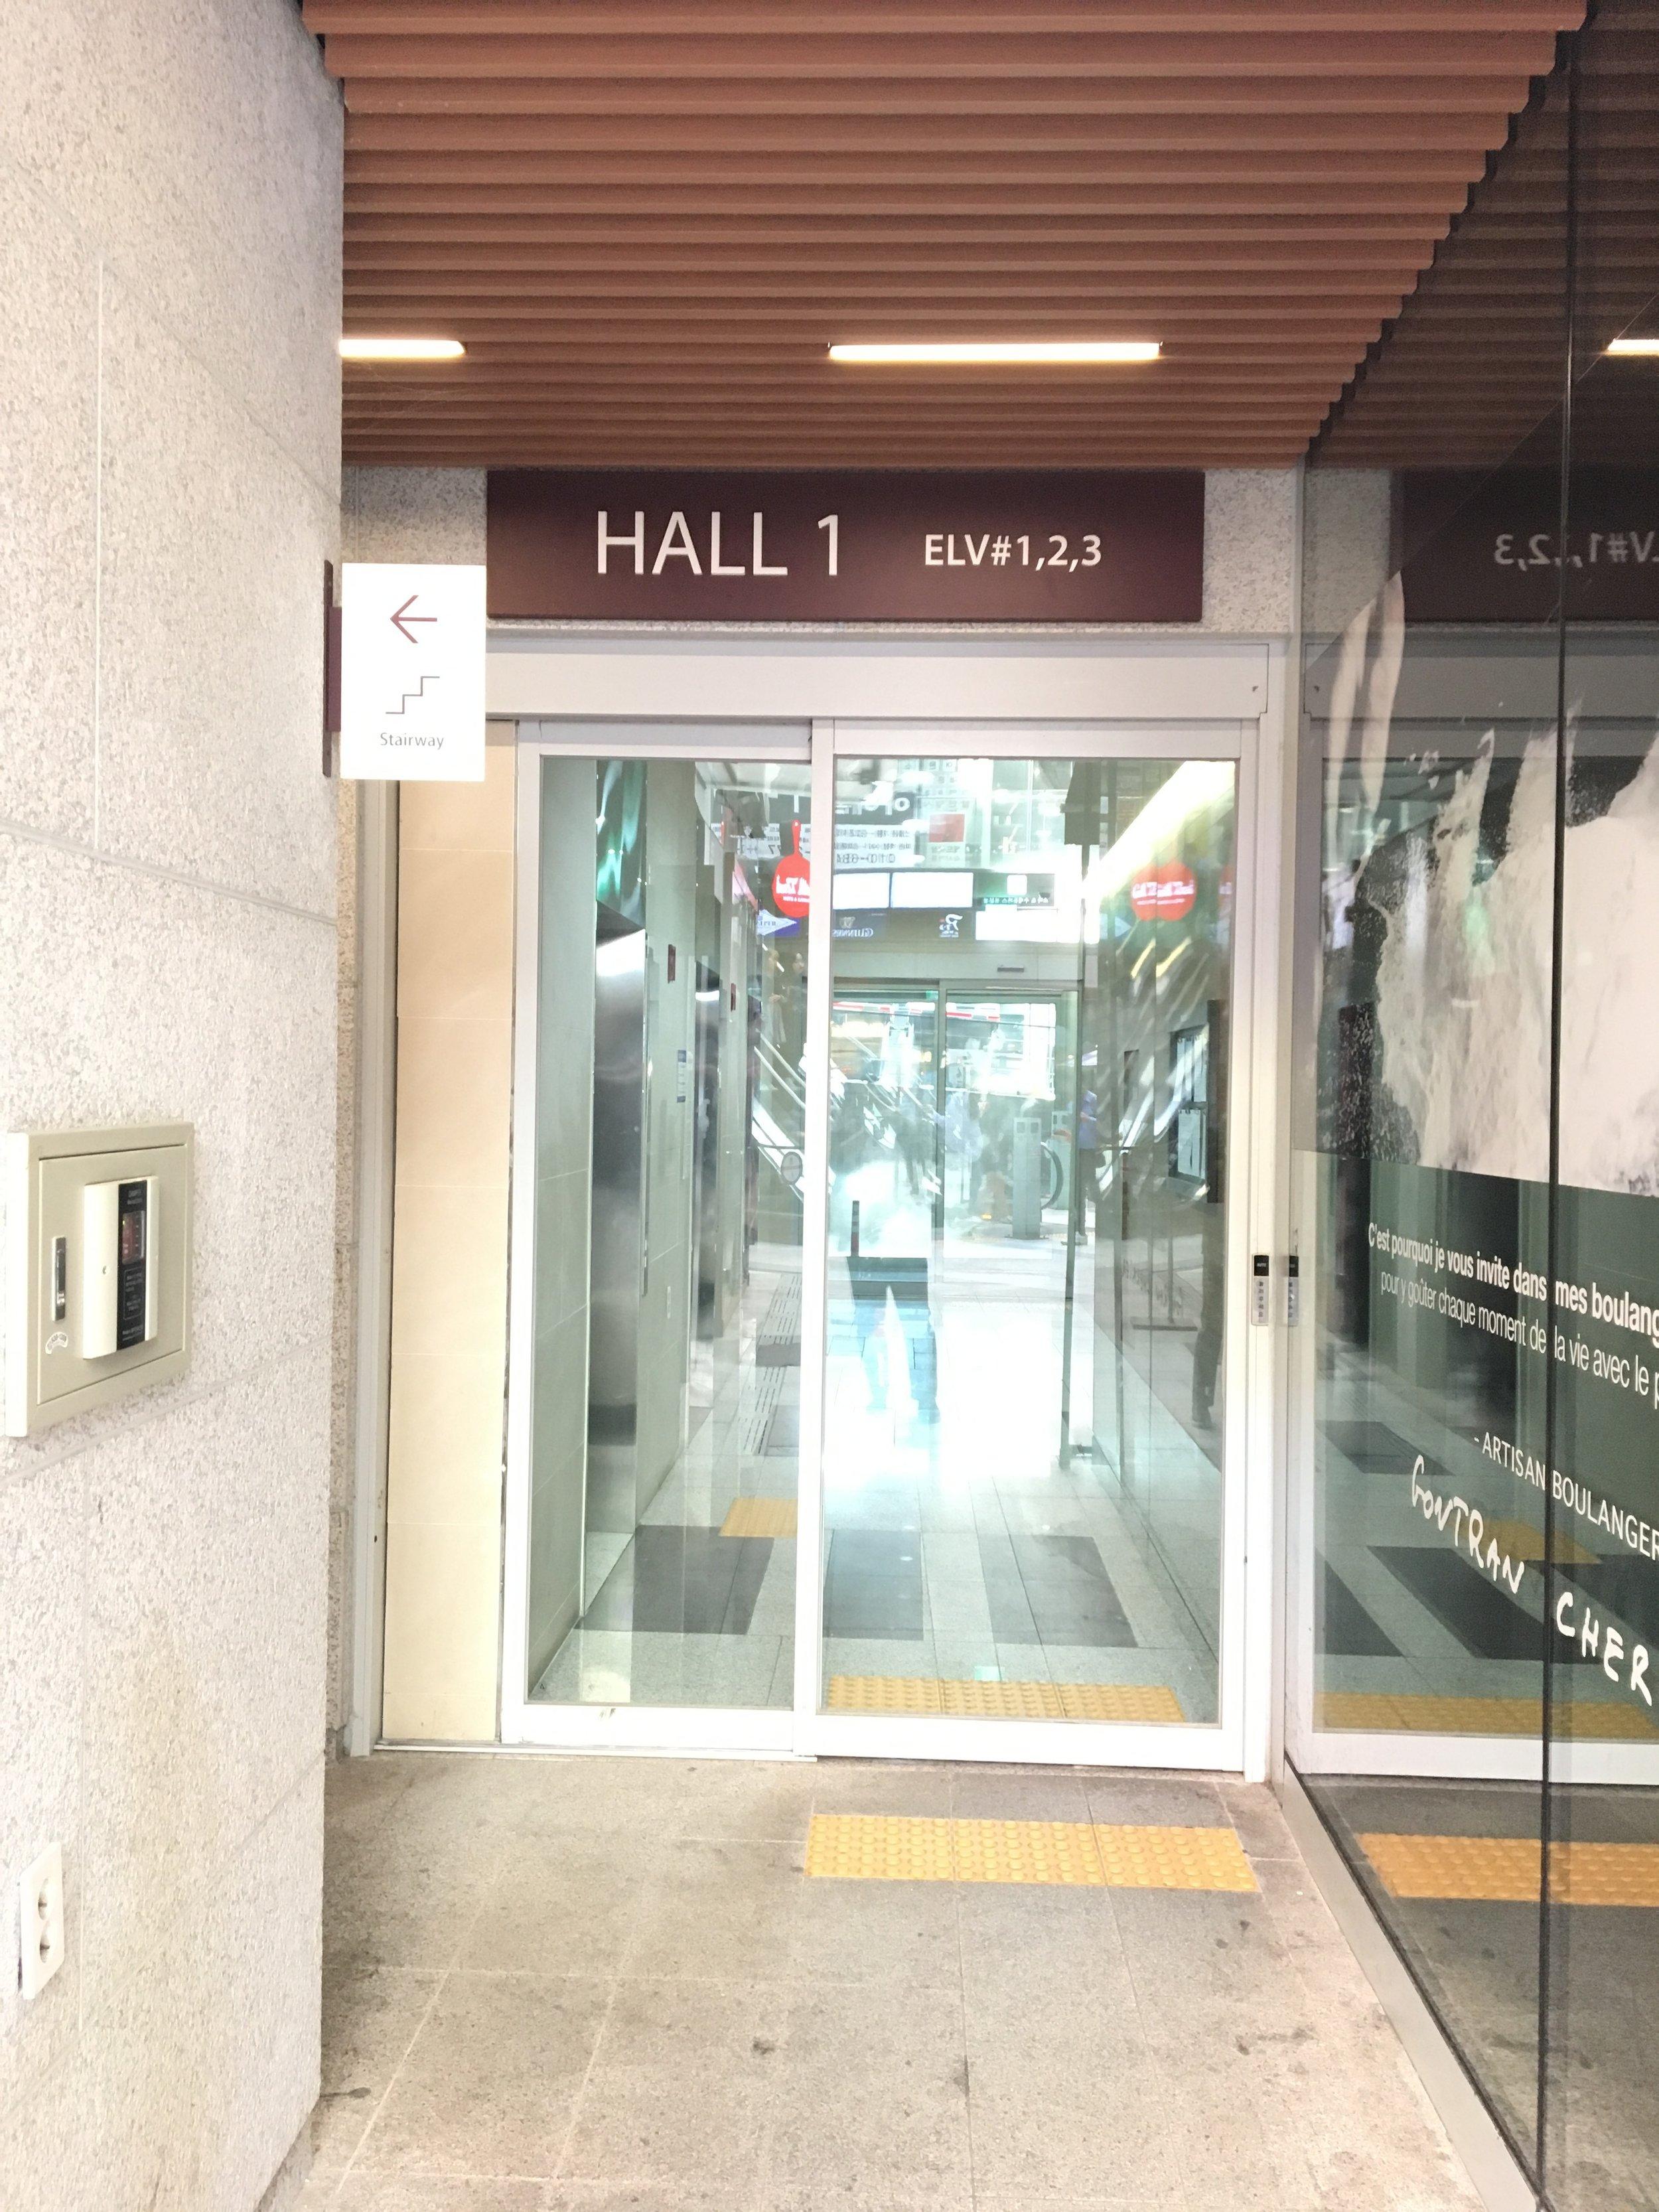 7. 當您看到HALL 1電梯時,您已經抵達Mike Homes - 請搭乘電梯到您房間的樓層.(若您的房號為555,請到5樓,若您的房號為1919,請搭到19樓,以此類推)